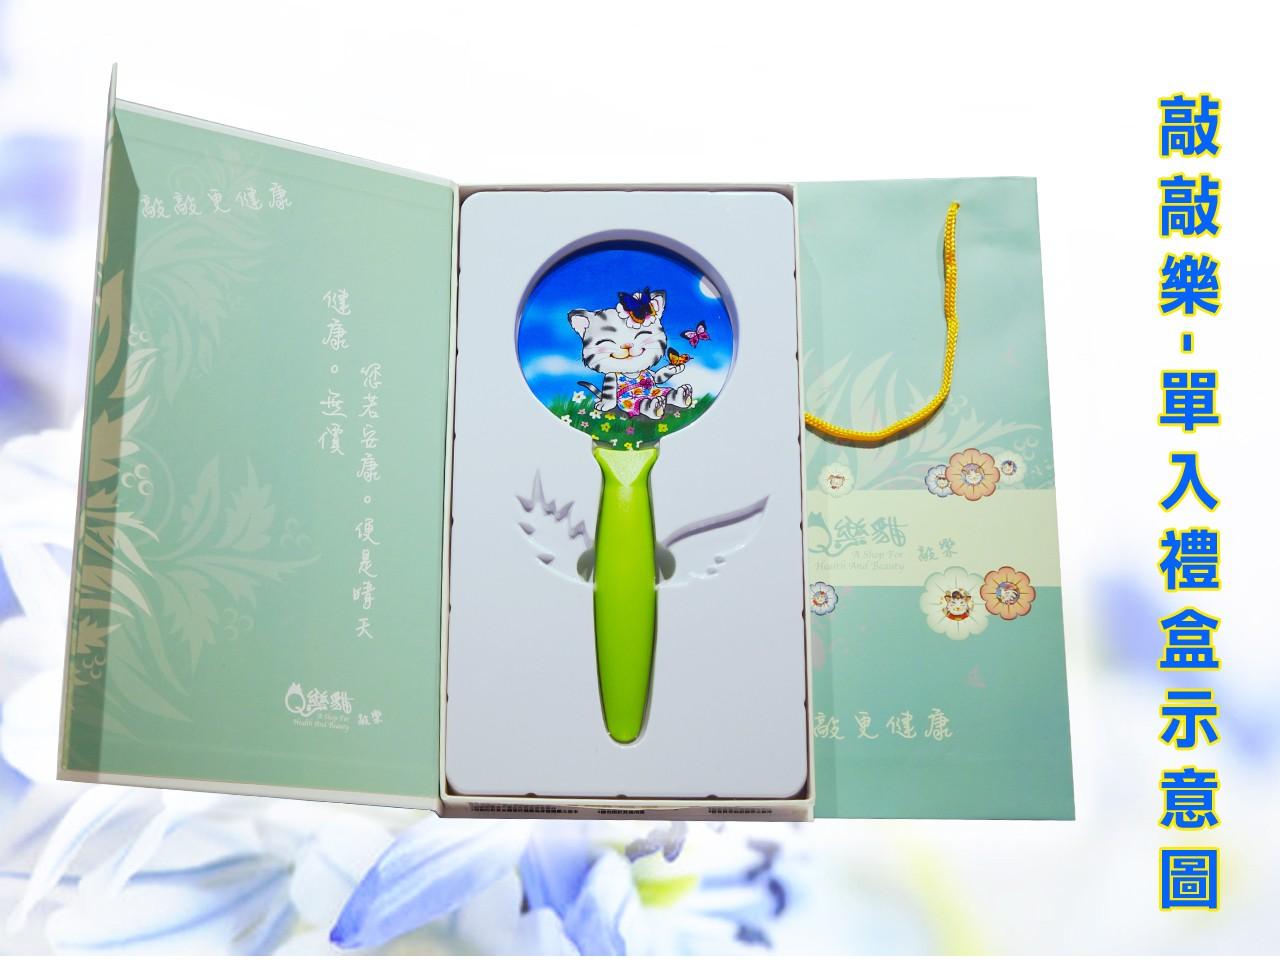 Q樂貓敲樂--(3)彩蝶飛舞單盒(含保護套隨機配色)